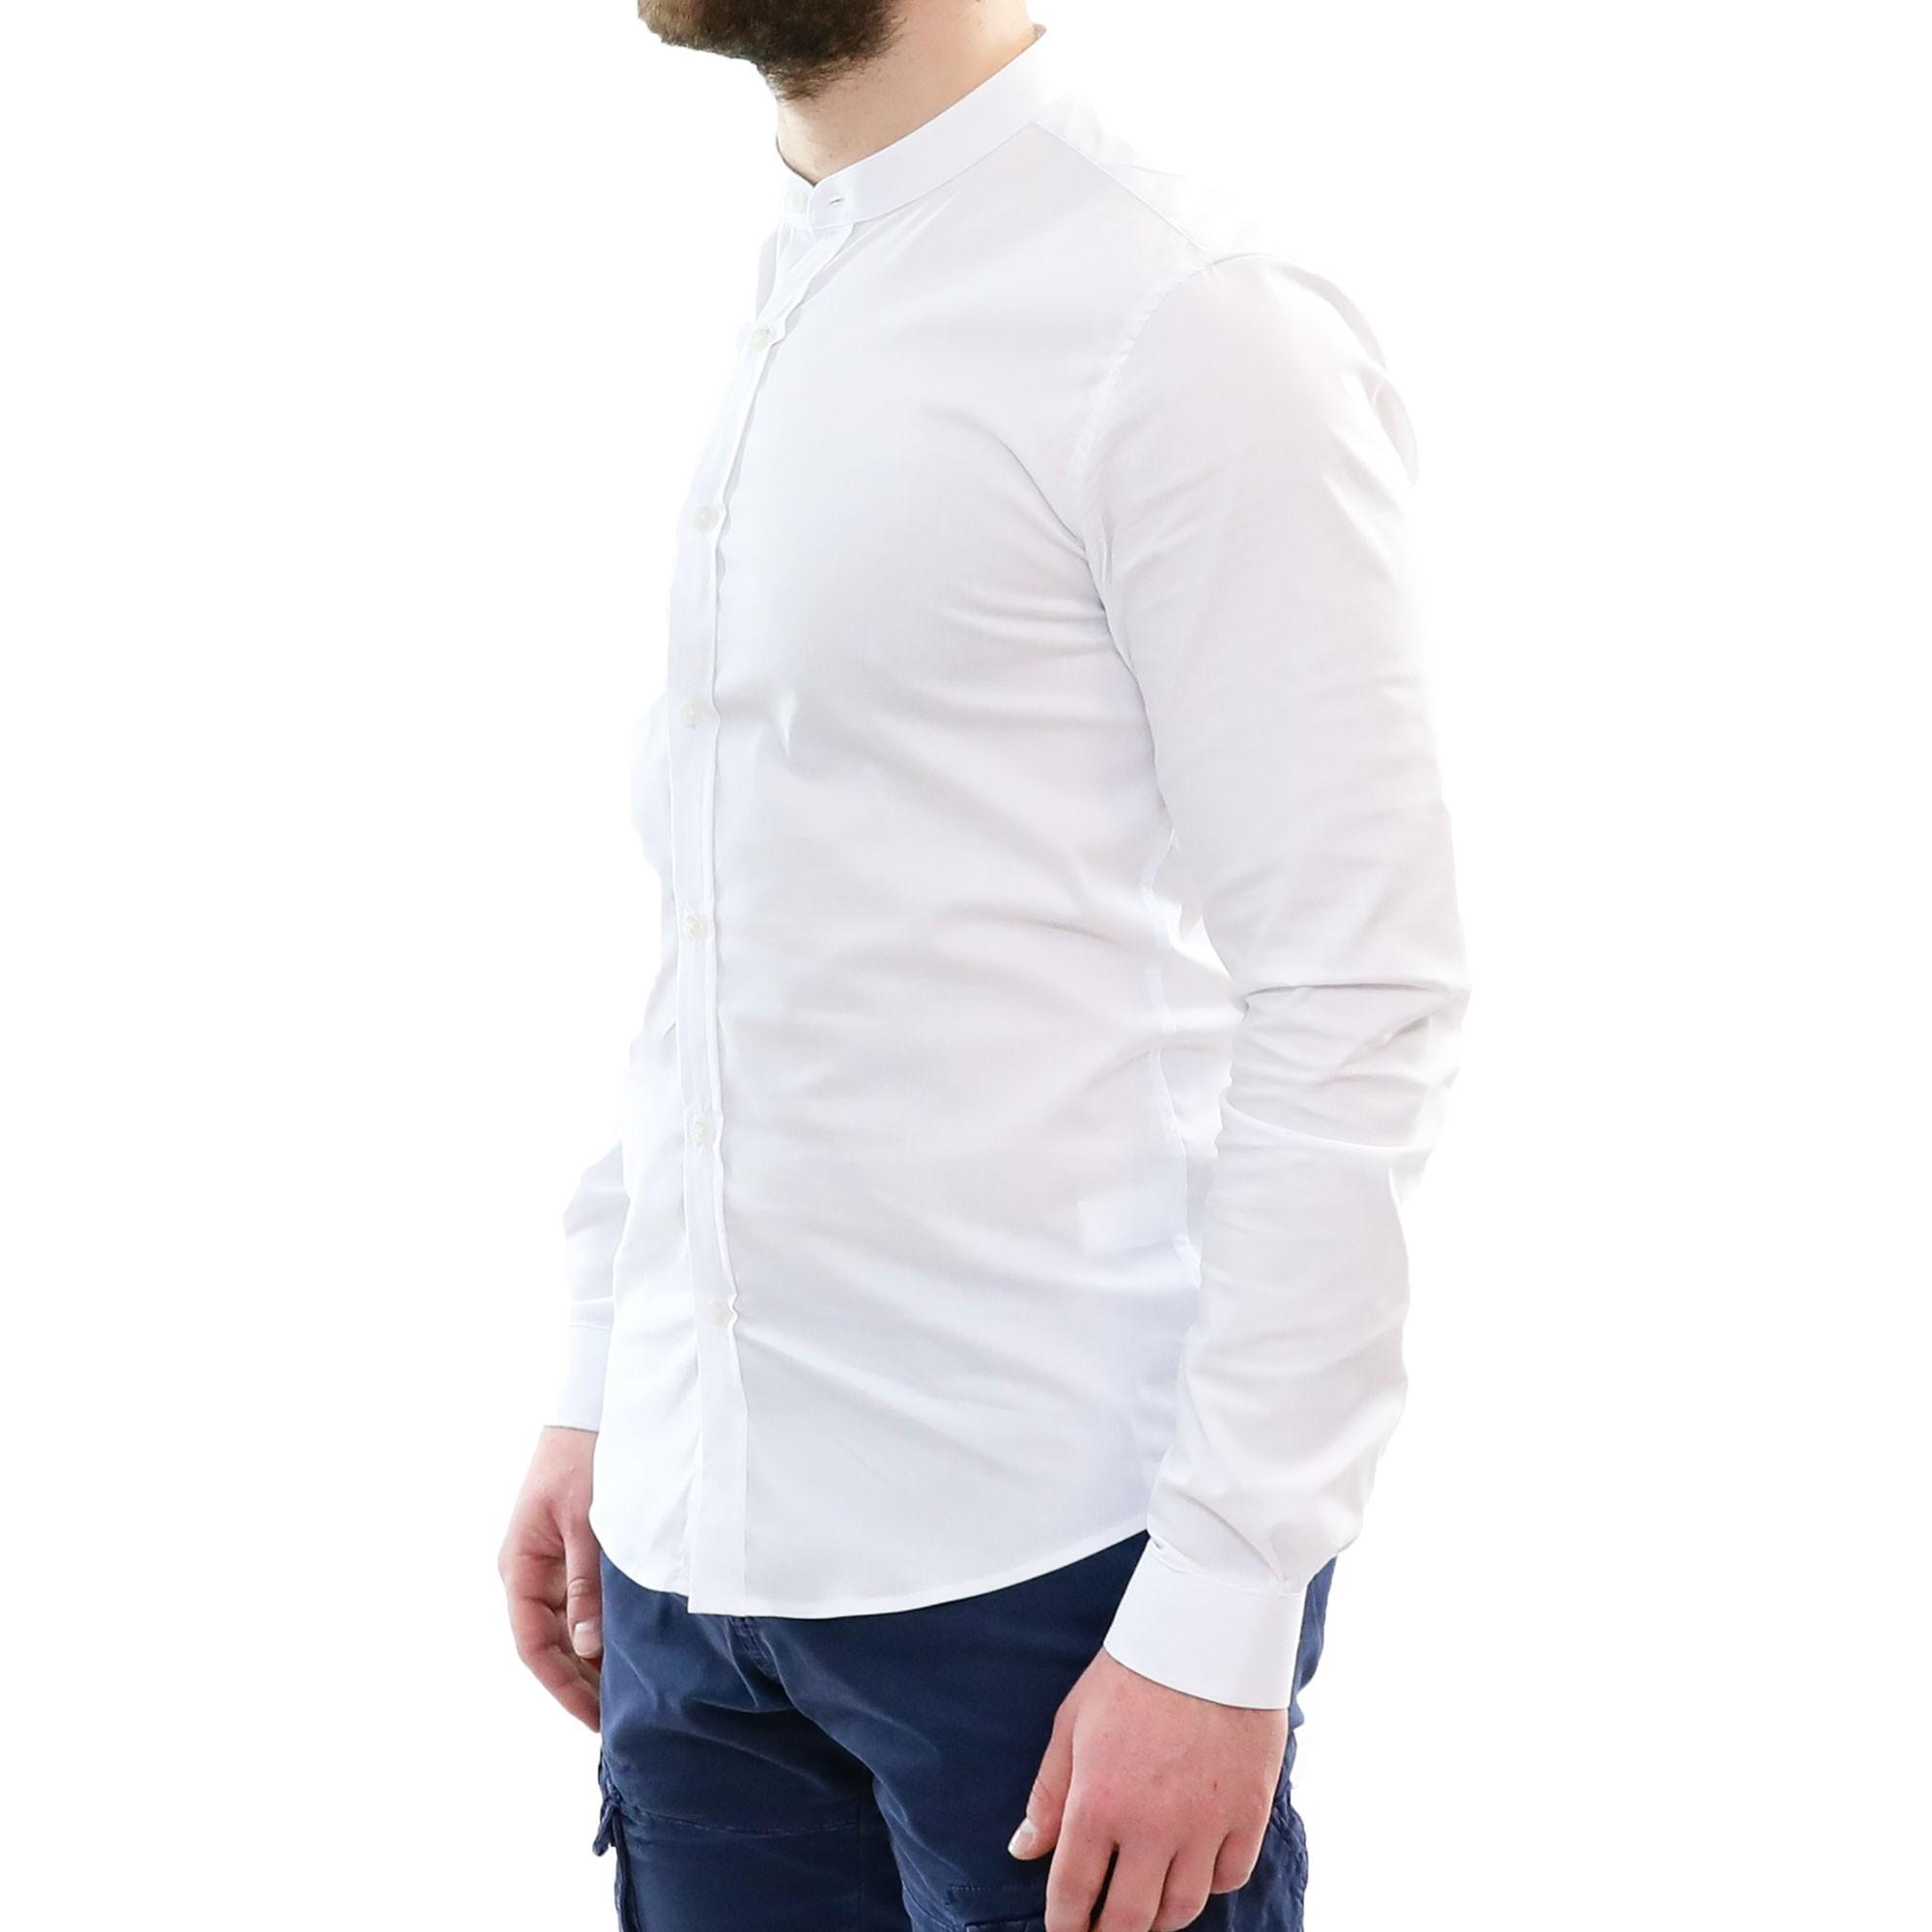 Camicia-Uomo-Collo-Coreana-Slim-Fit-Serafino-Bianca-Blu-Nera-Cotone-Casual miniatura 20